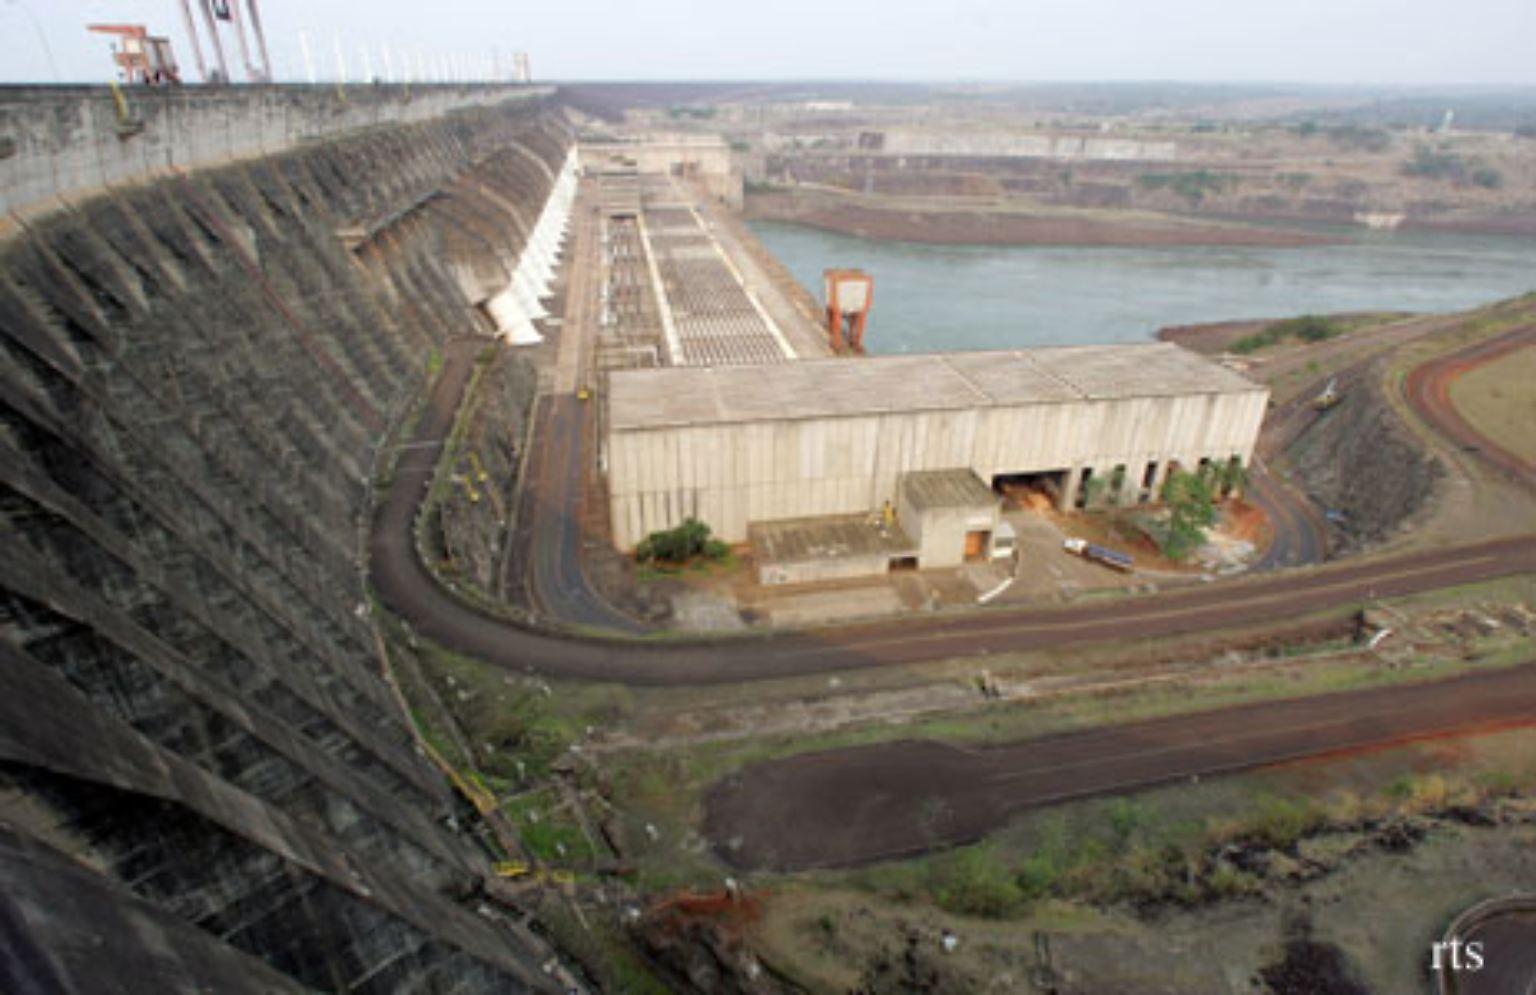 Das Wasserkraftwerk Itaipu (auf Guaran bedeutet das: